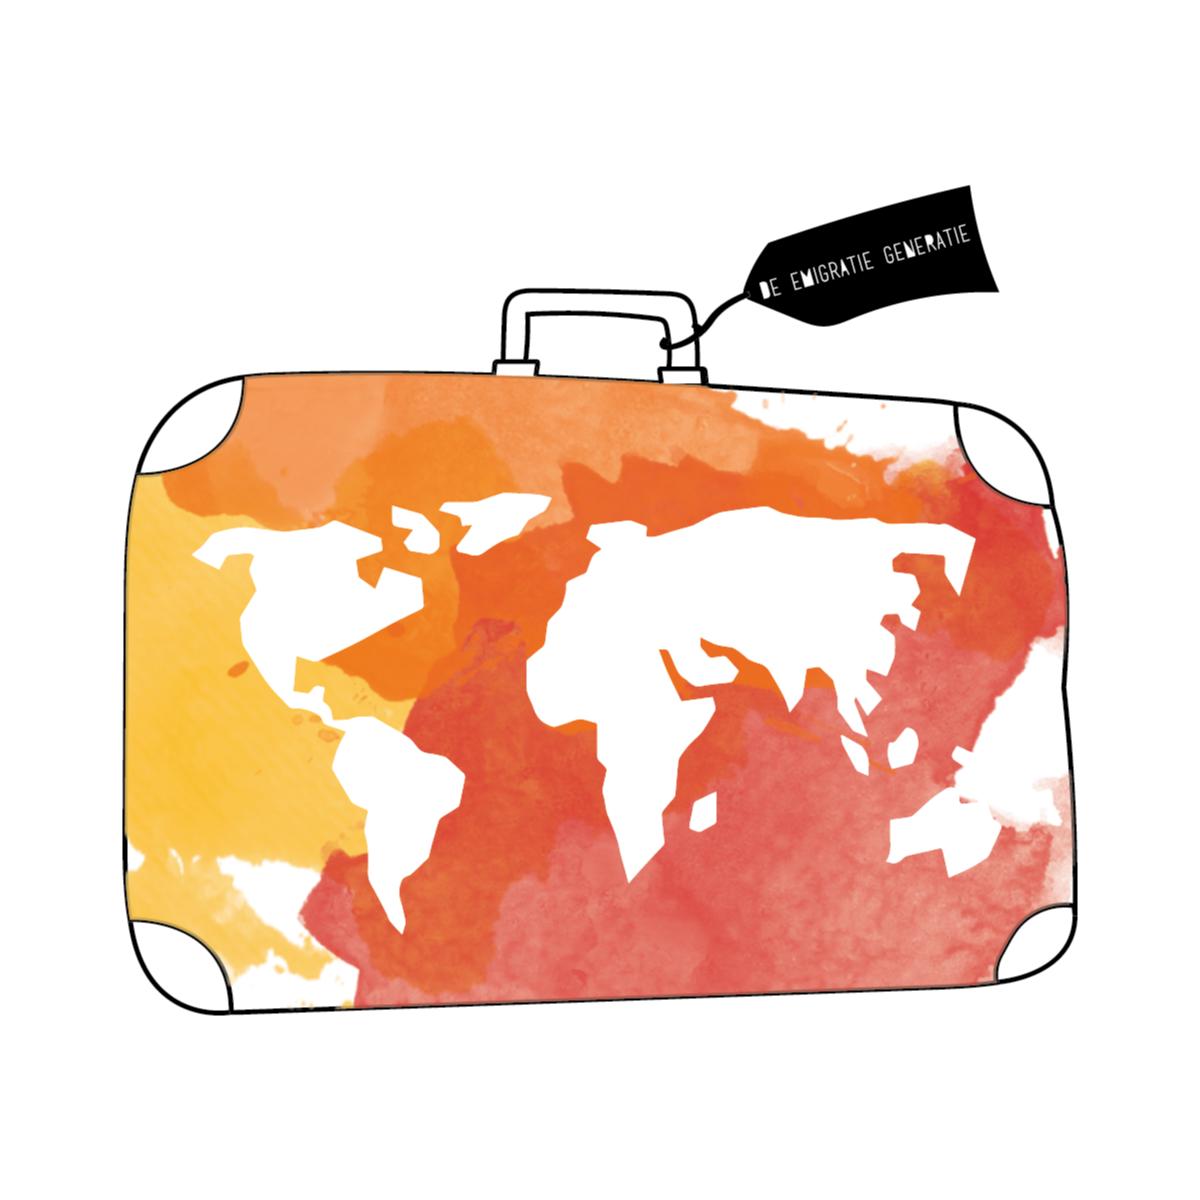 Logo De emigratie generatie